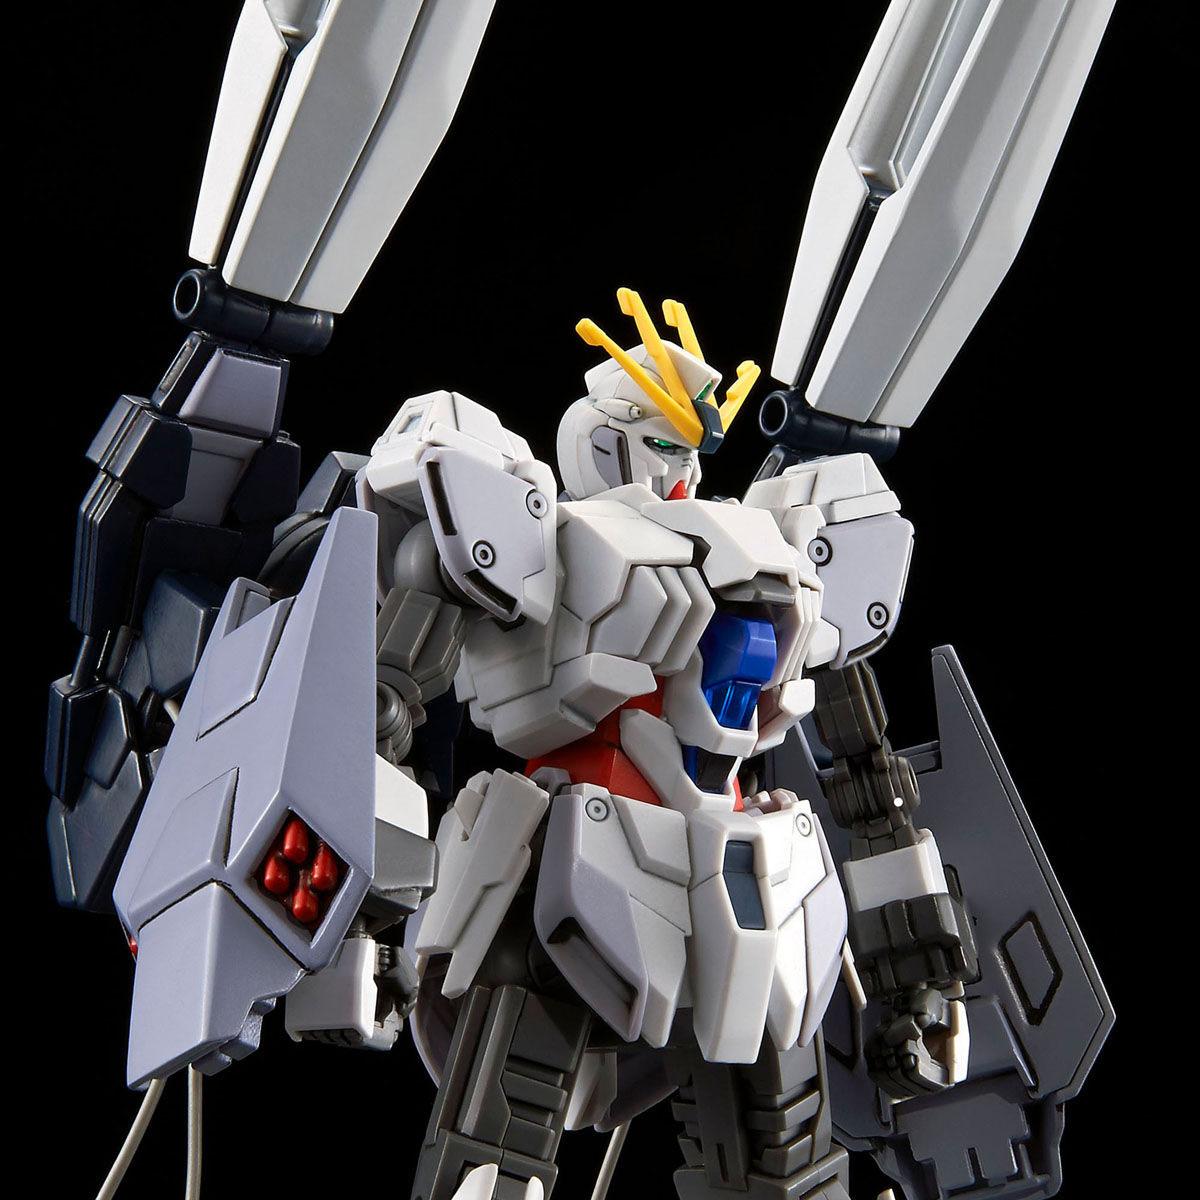 HG 1/144『ナラティブガンダム用 B装備拡張セット』ガンダムNT プラモデル-001